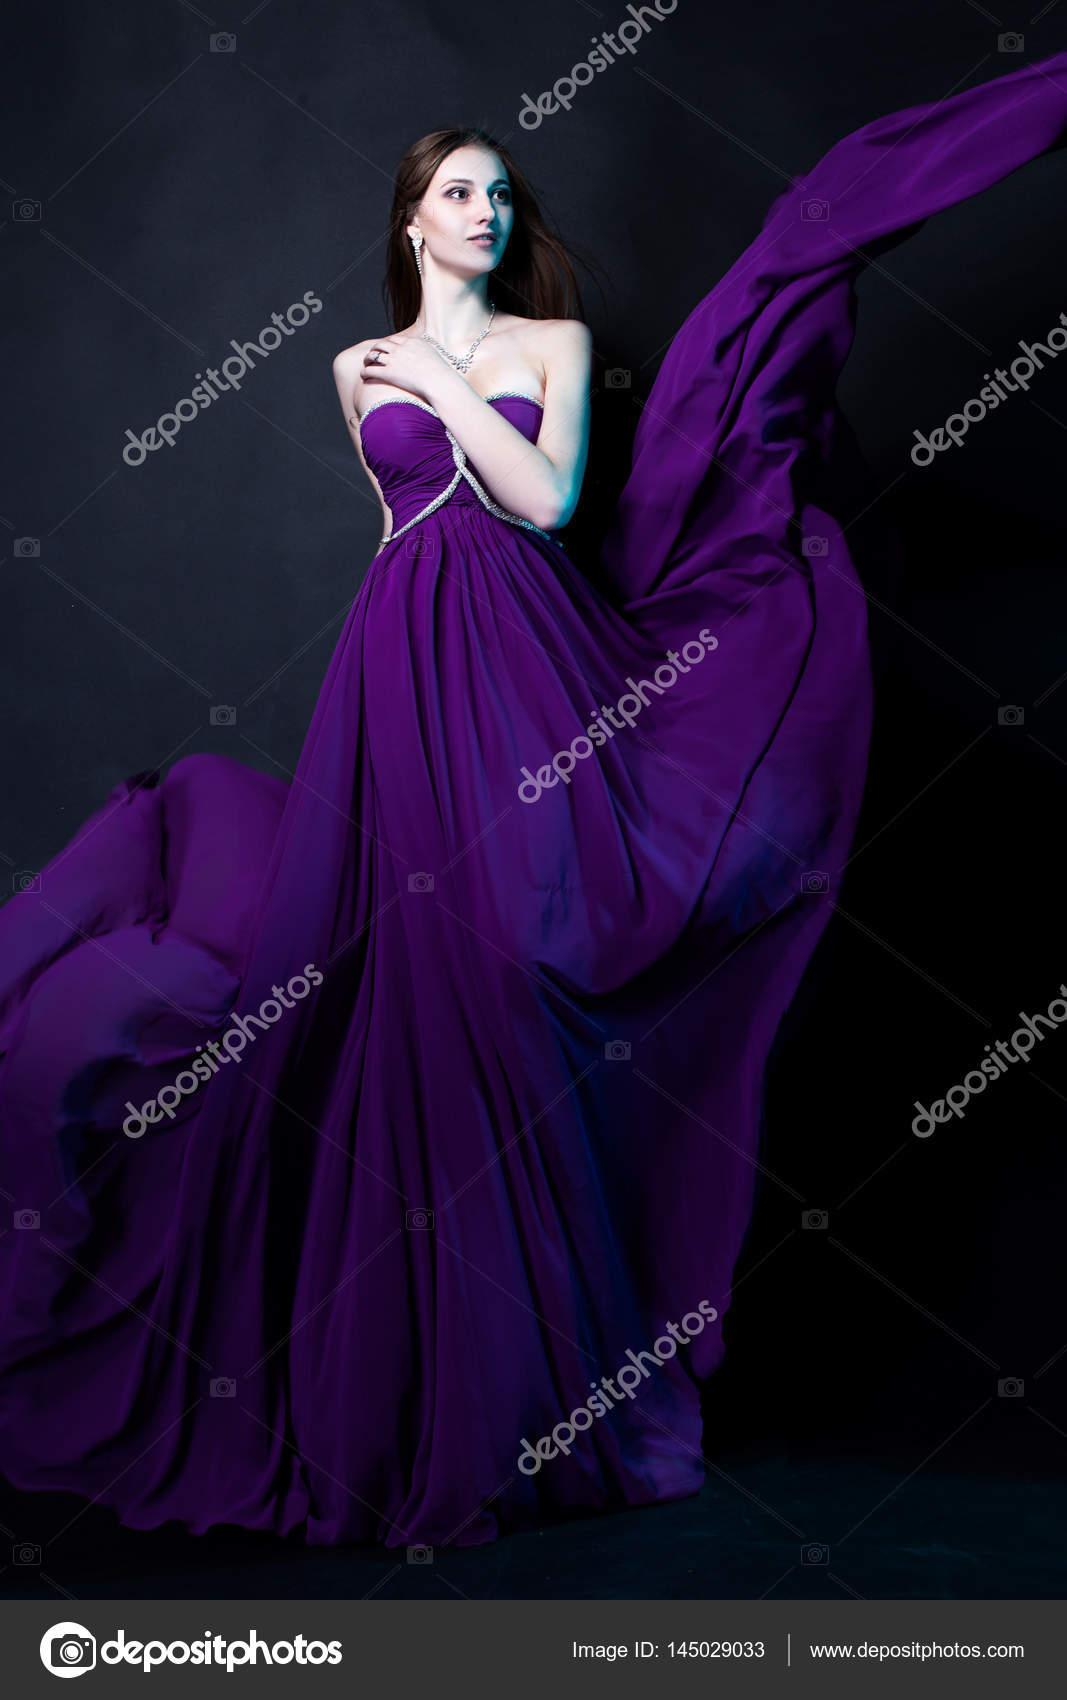 f8b43b6a7 Mode femme en robe violette avec magie maquillage et coiffure ...